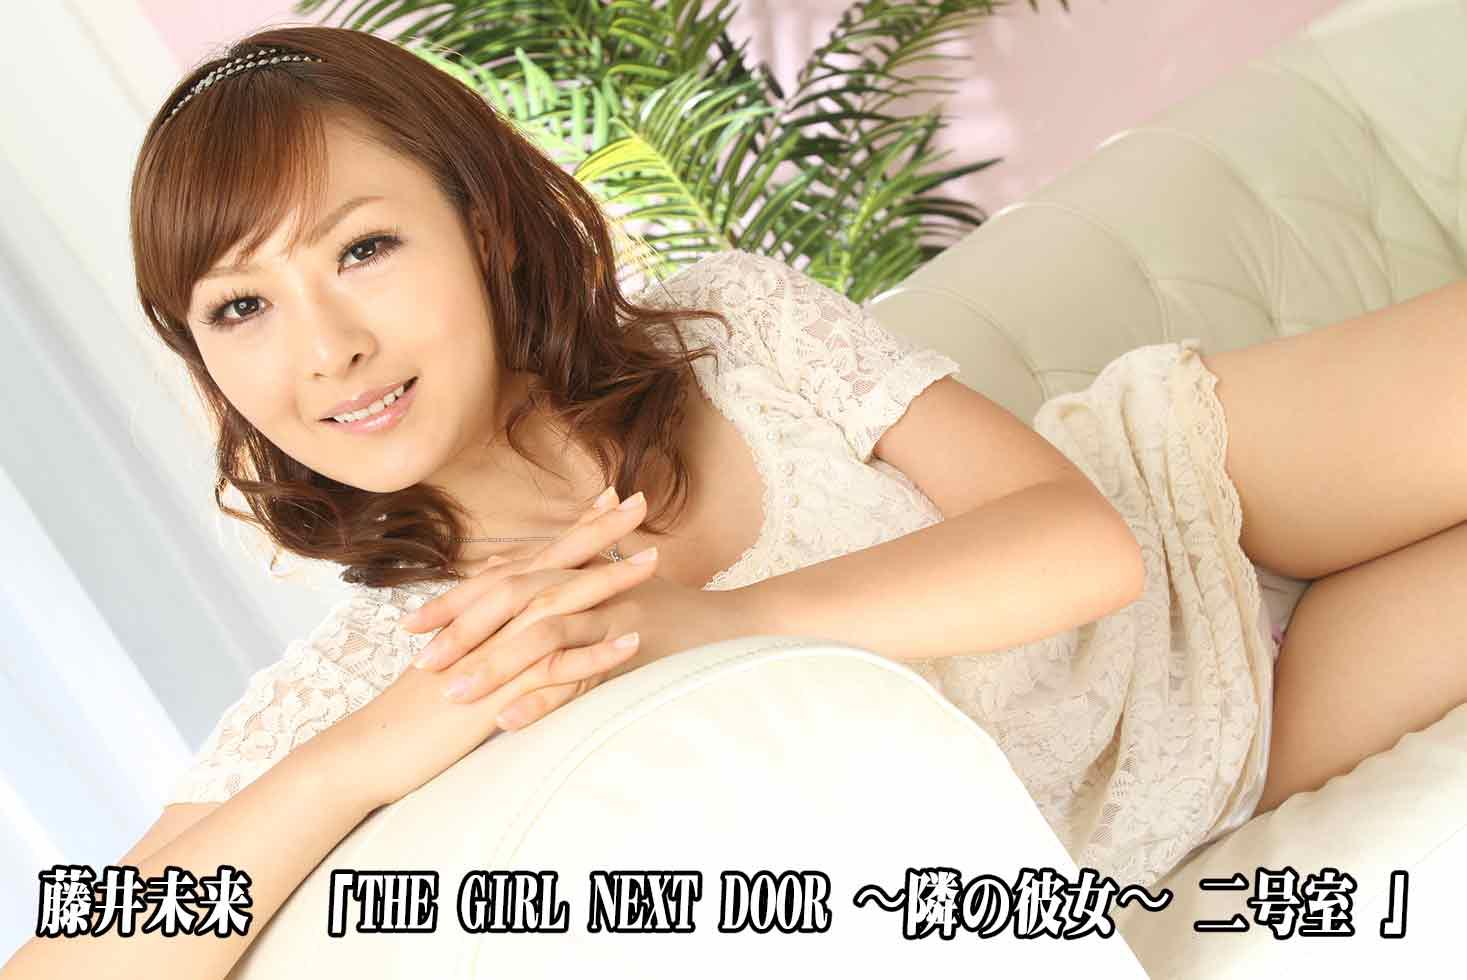 THE GIRL NEXT DOOR 〜隣の彼女〜 二号室【Pikkur ピッカー】藤井未来